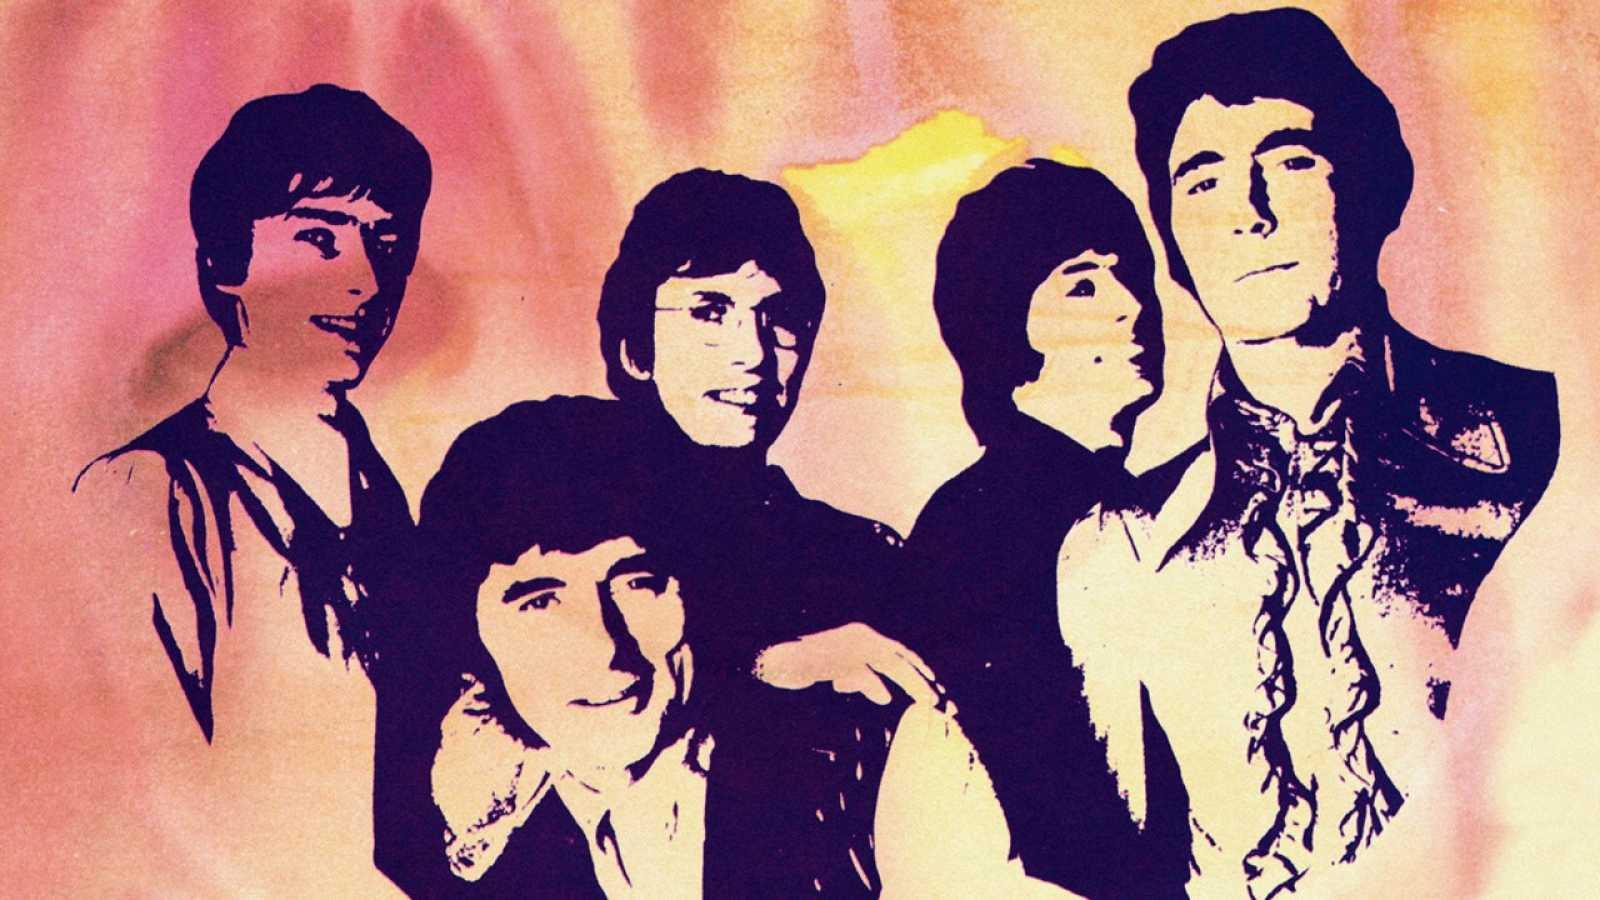 El sótano - The Thunderbeats, Los Straitjackets, The Mirage, Melodías Funtásticas... - 01/12/20 - escuchar ahora